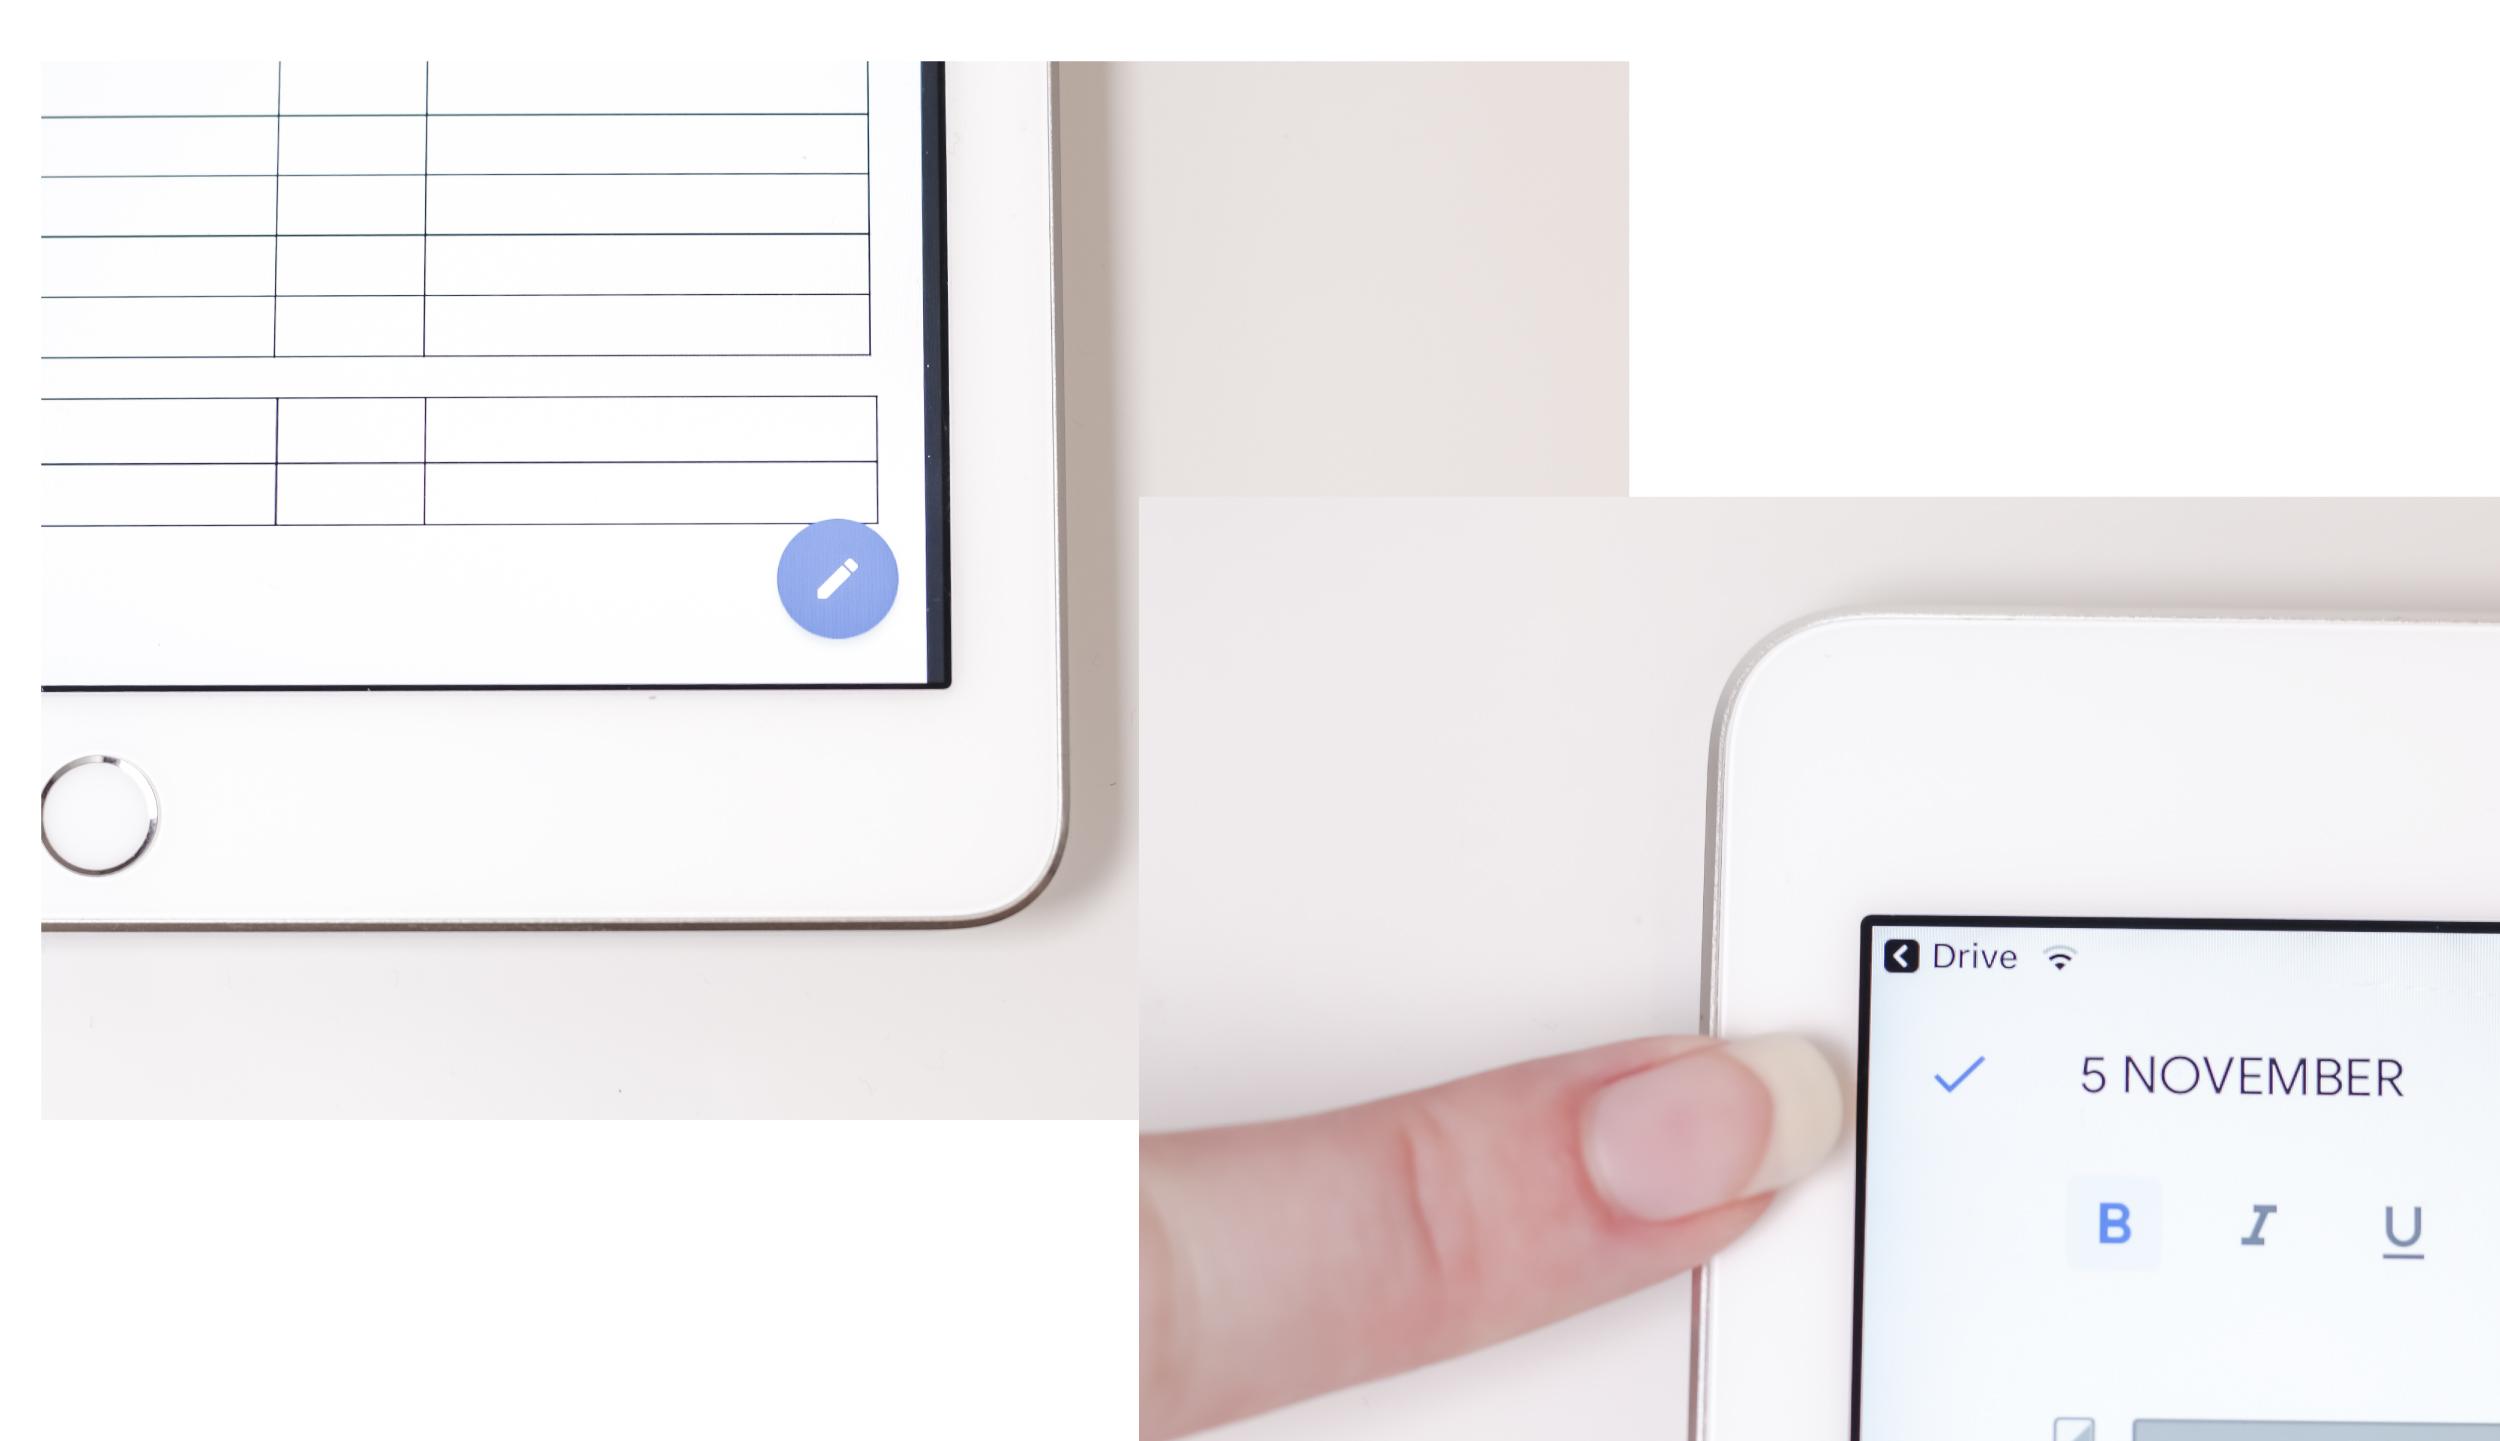 - För att kunna skriva i dokumentet klickar du på den blå cirkeln med en penna i längst ner i högra hörnet. Därefter går det bra att skriva i dokumentet. När du är klar trycker du på den blå bocken högst upp till vänster.